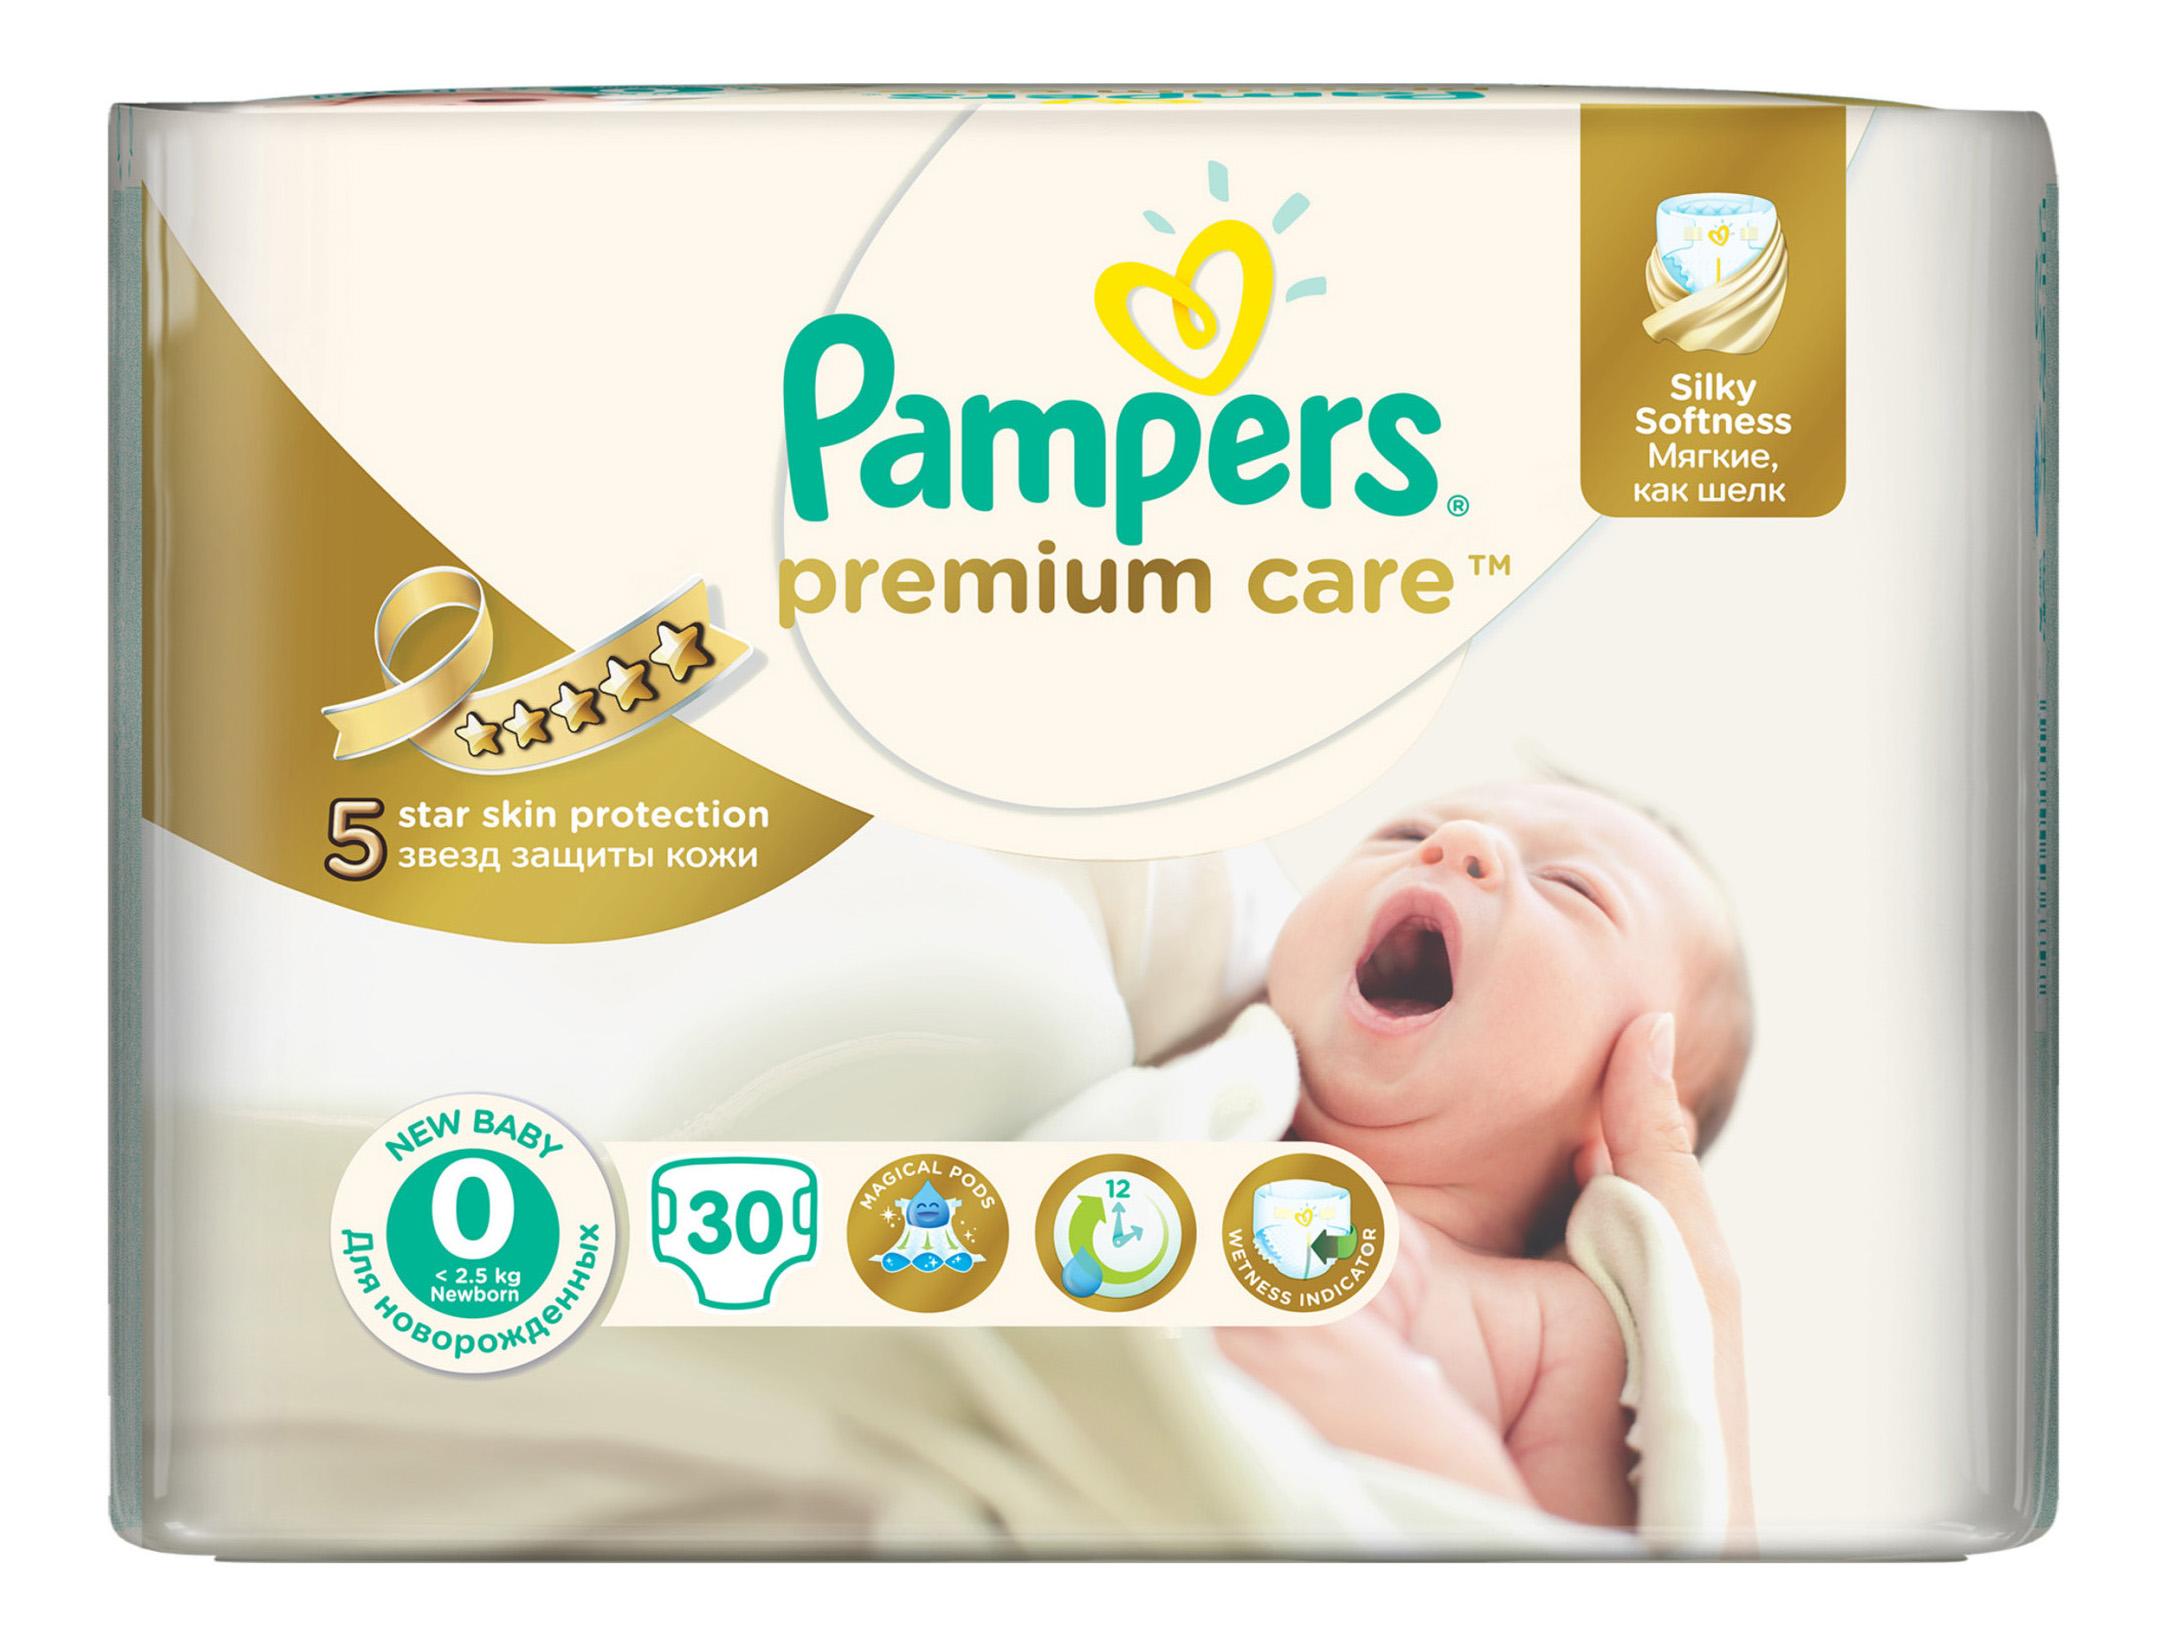 Подгузники для новорожденных Pampers Premium Care 0 (<3 кг), 30 шт.